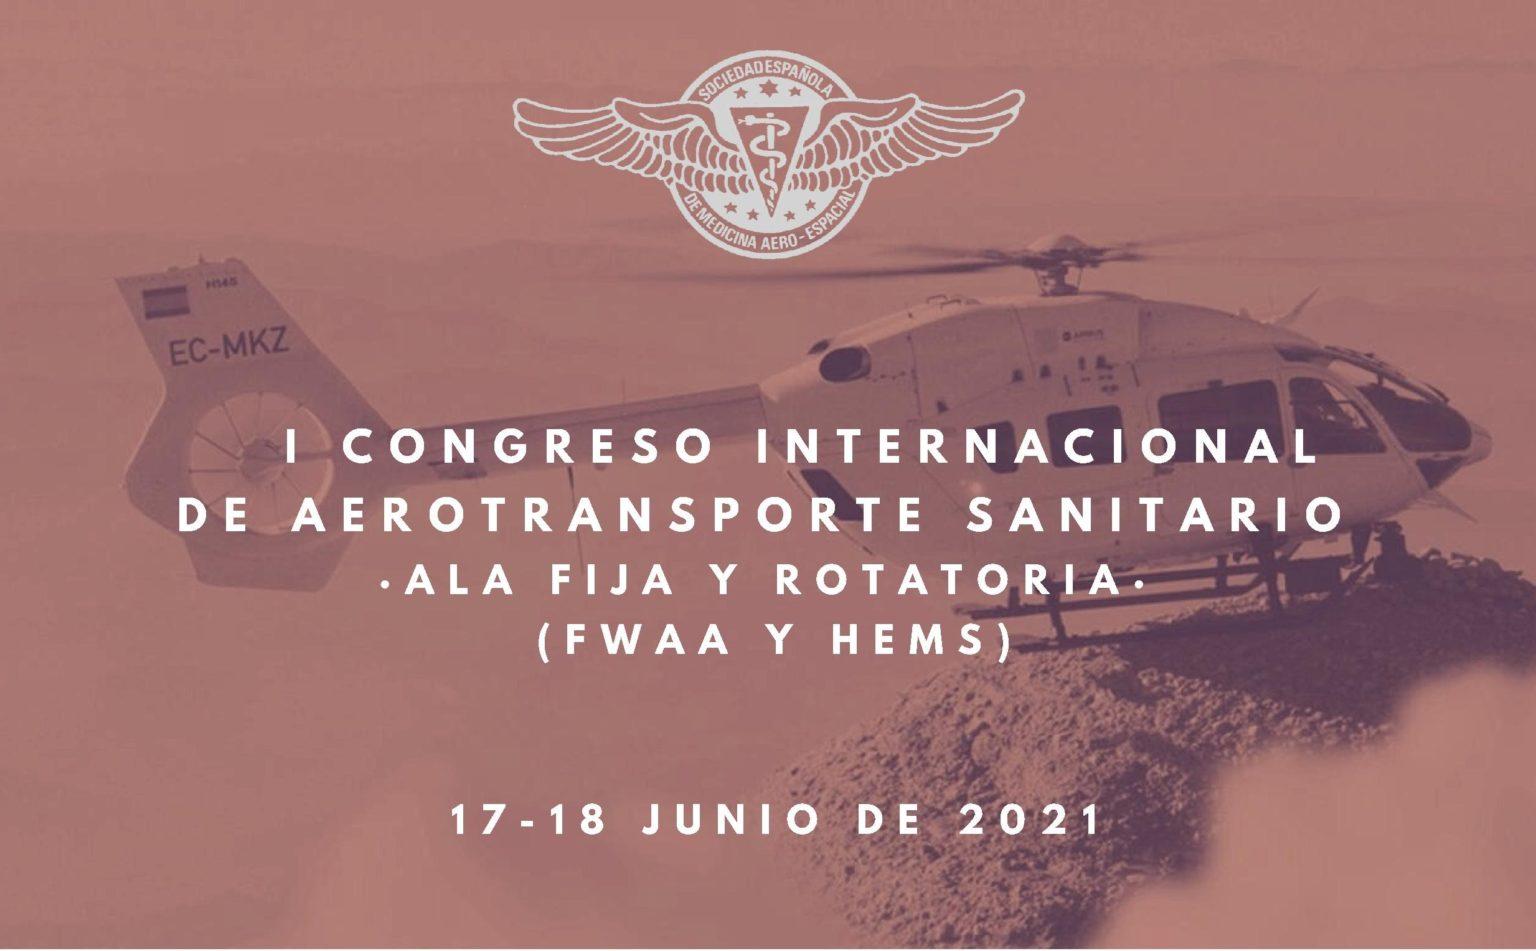 Eliance patrocina el I Congreso Internacional de Aerotransporte Sanitario ALA FIJA Y ROTATORIA (FWAA Y HEMS)